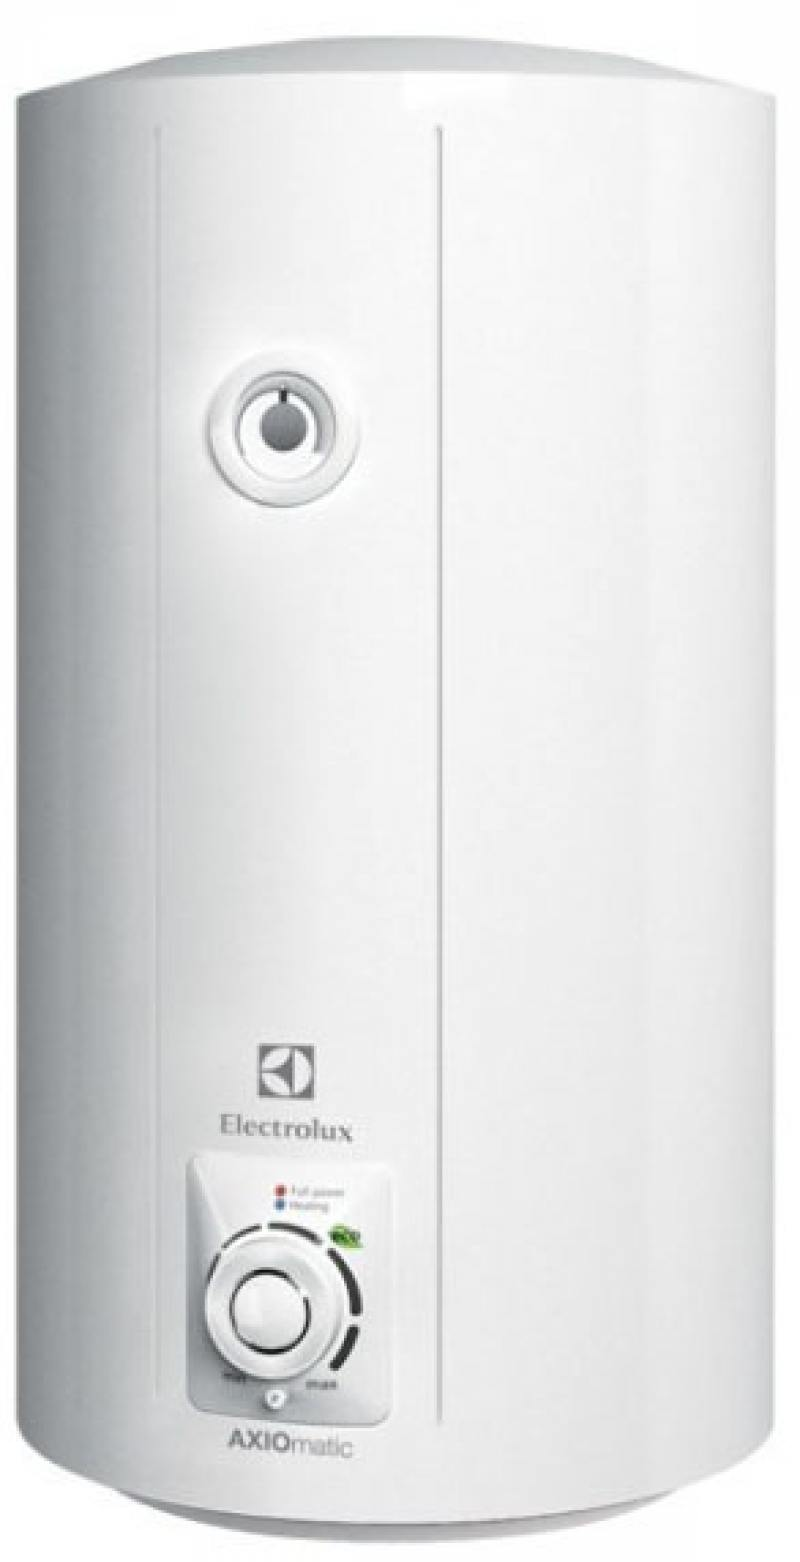 Водонагреватель накопительный Electrolux EWH 125 AXIOmatic 125л 1.5кВт белый